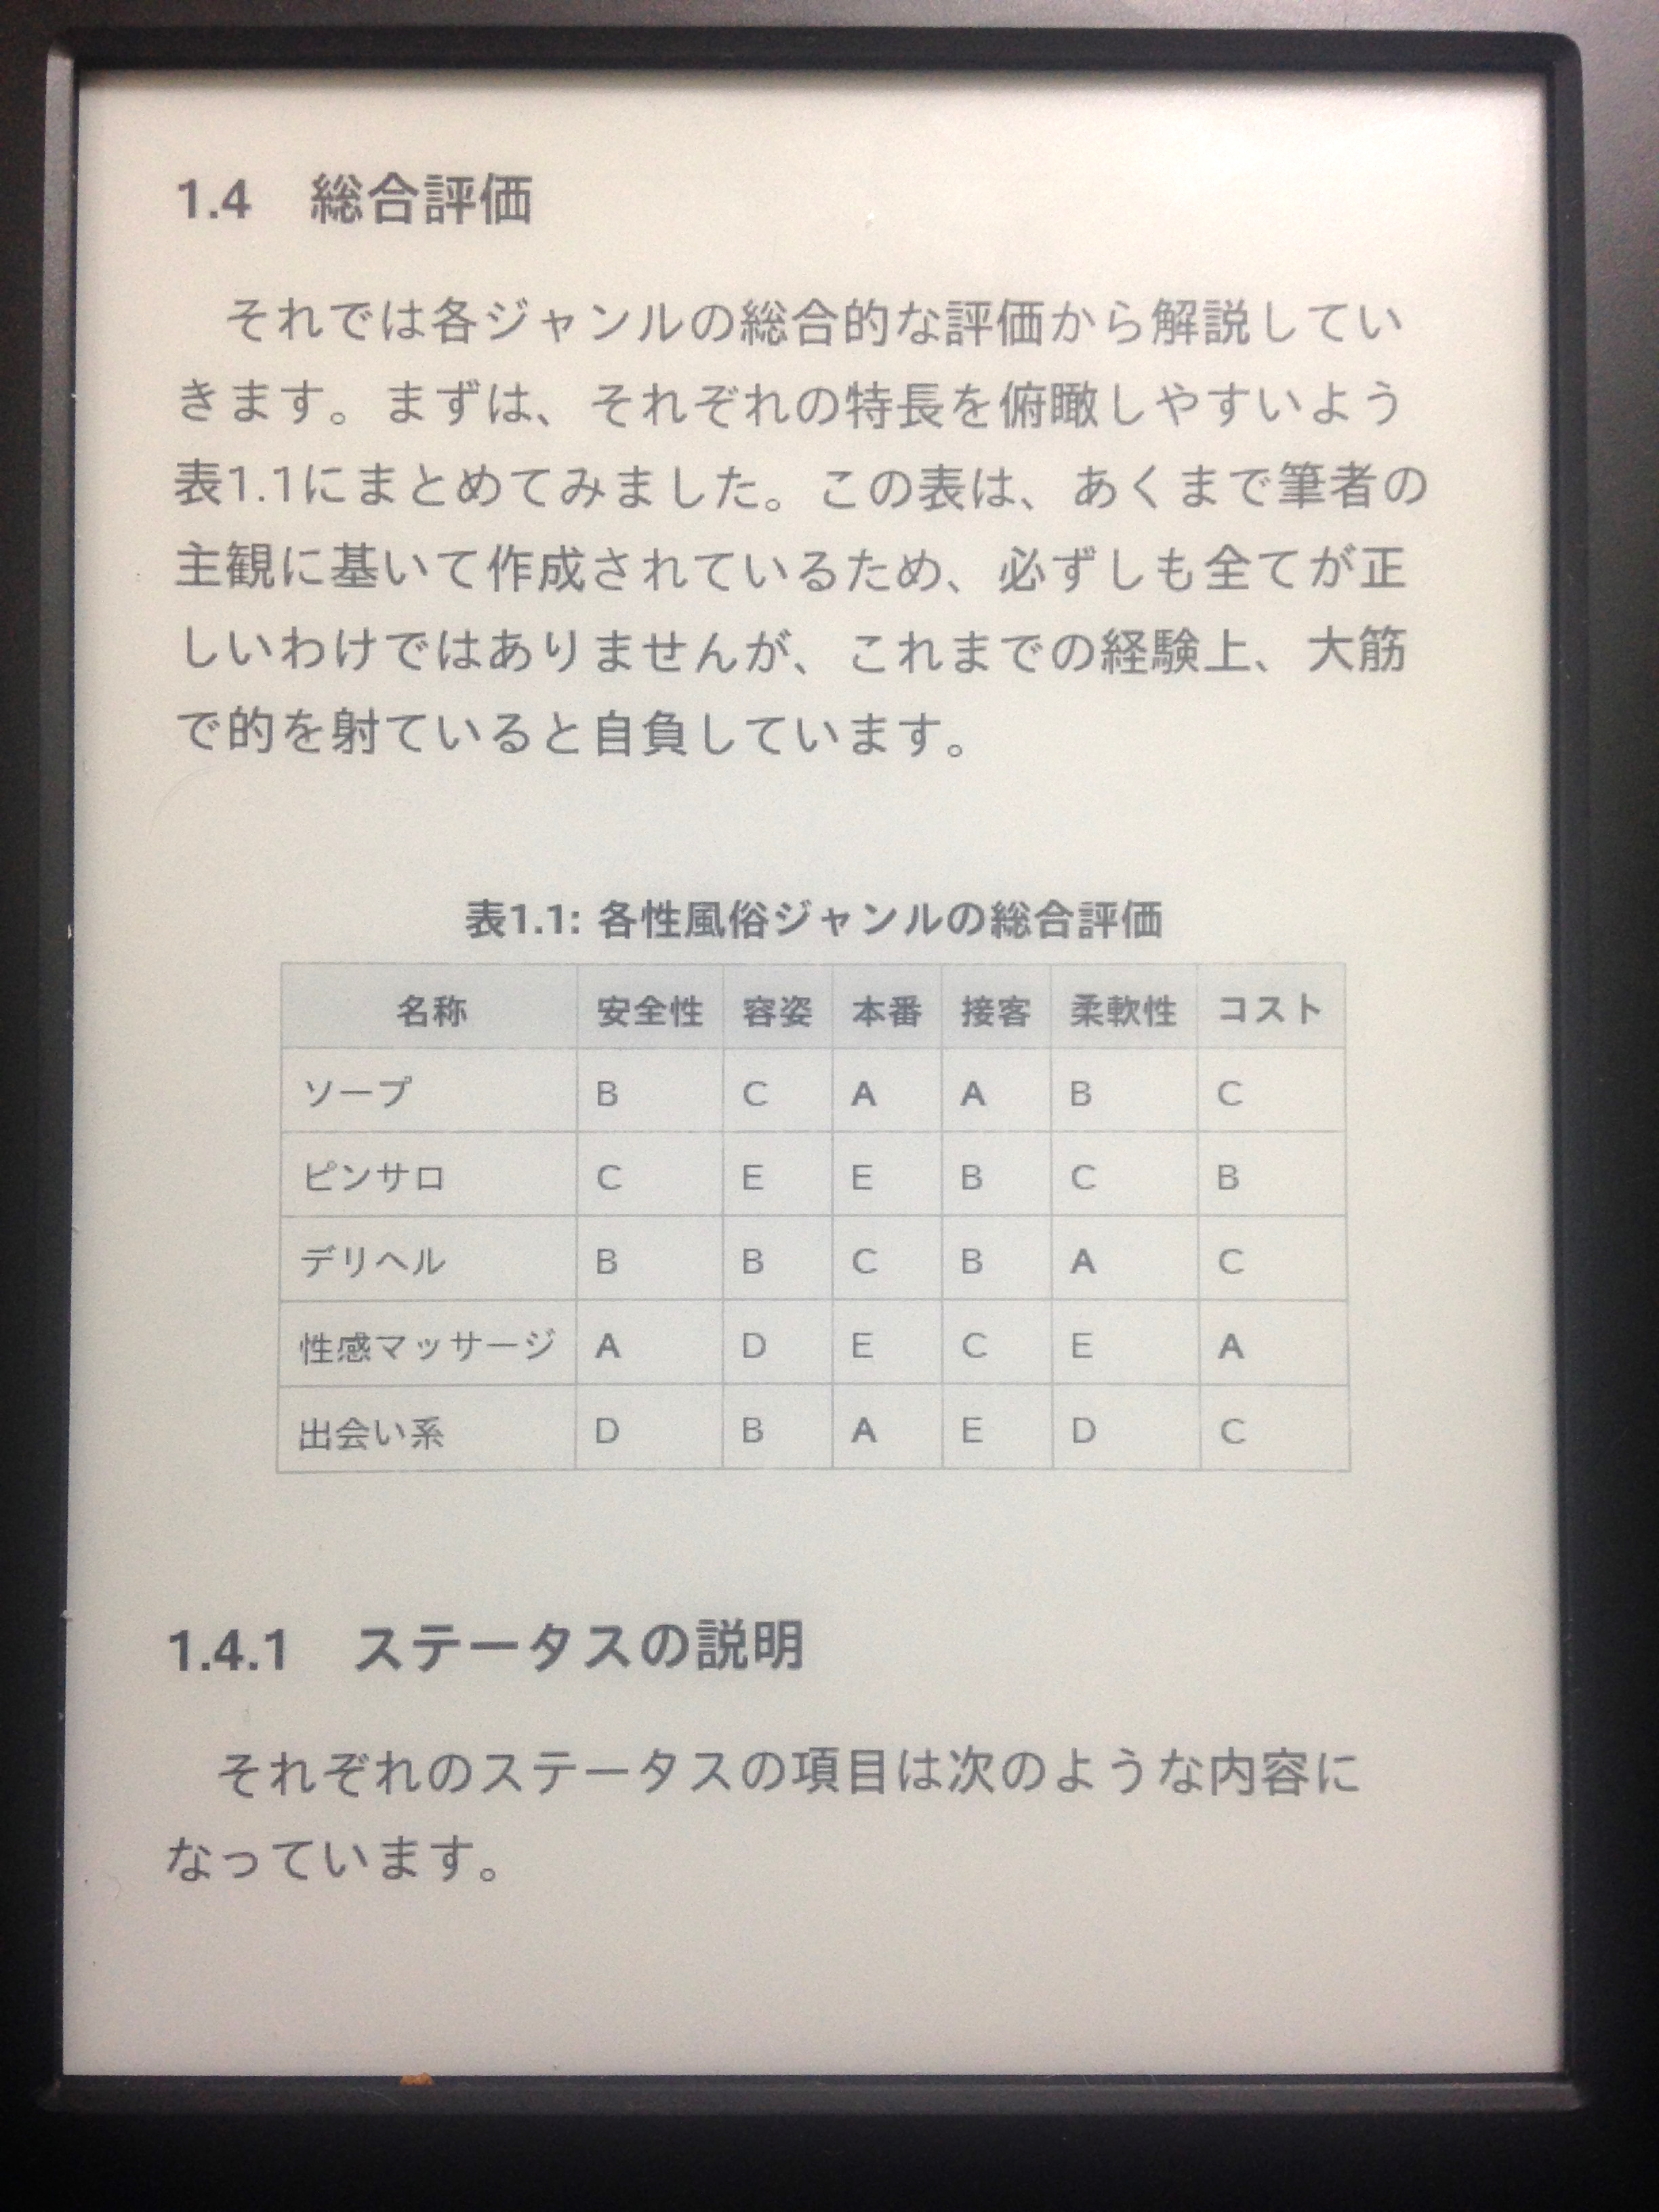 Kindleでの表示2